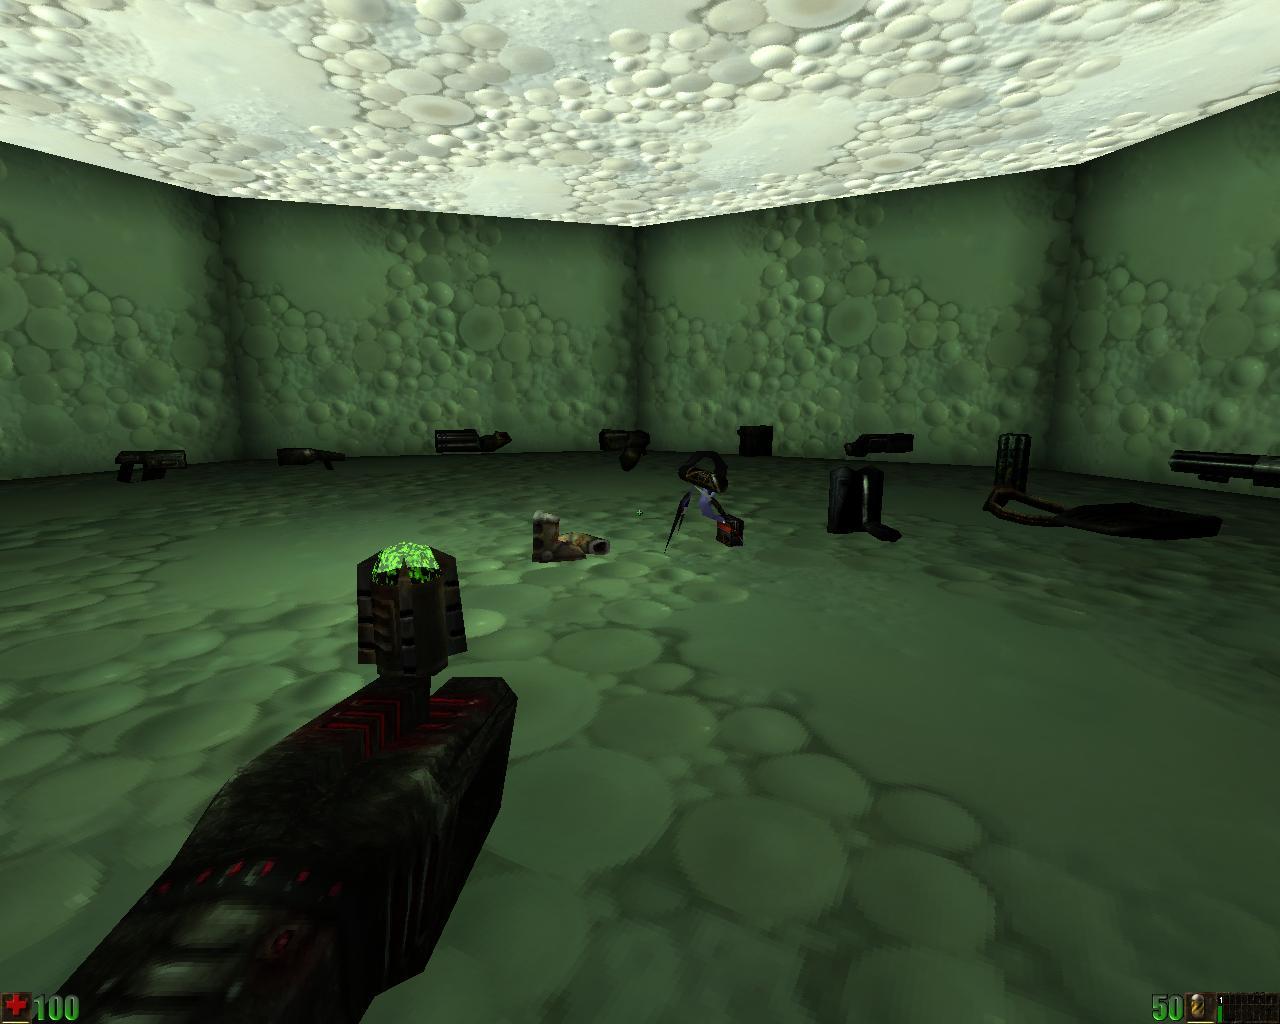 Unreal 1997-1998 Demo - Unreal